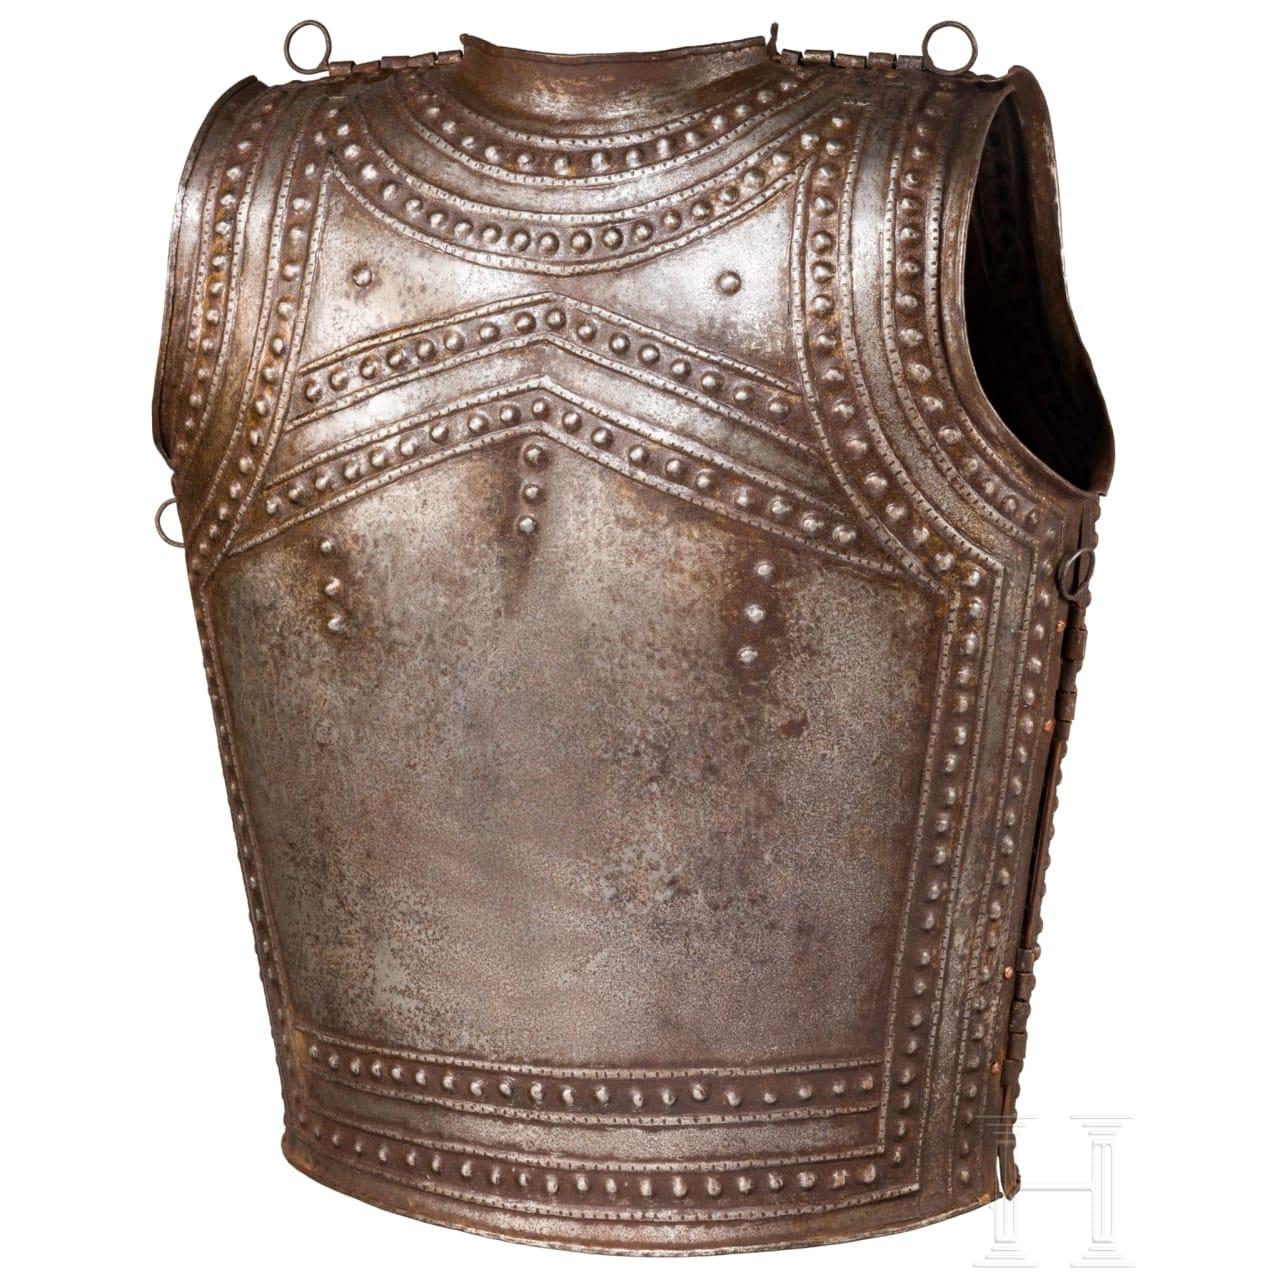 Eiserner Brustpanzer nach dem keltischen Vorbild aus Marmesse, Sammleranfertigung im Stil des 9./8. Jhdts. v. Chr.